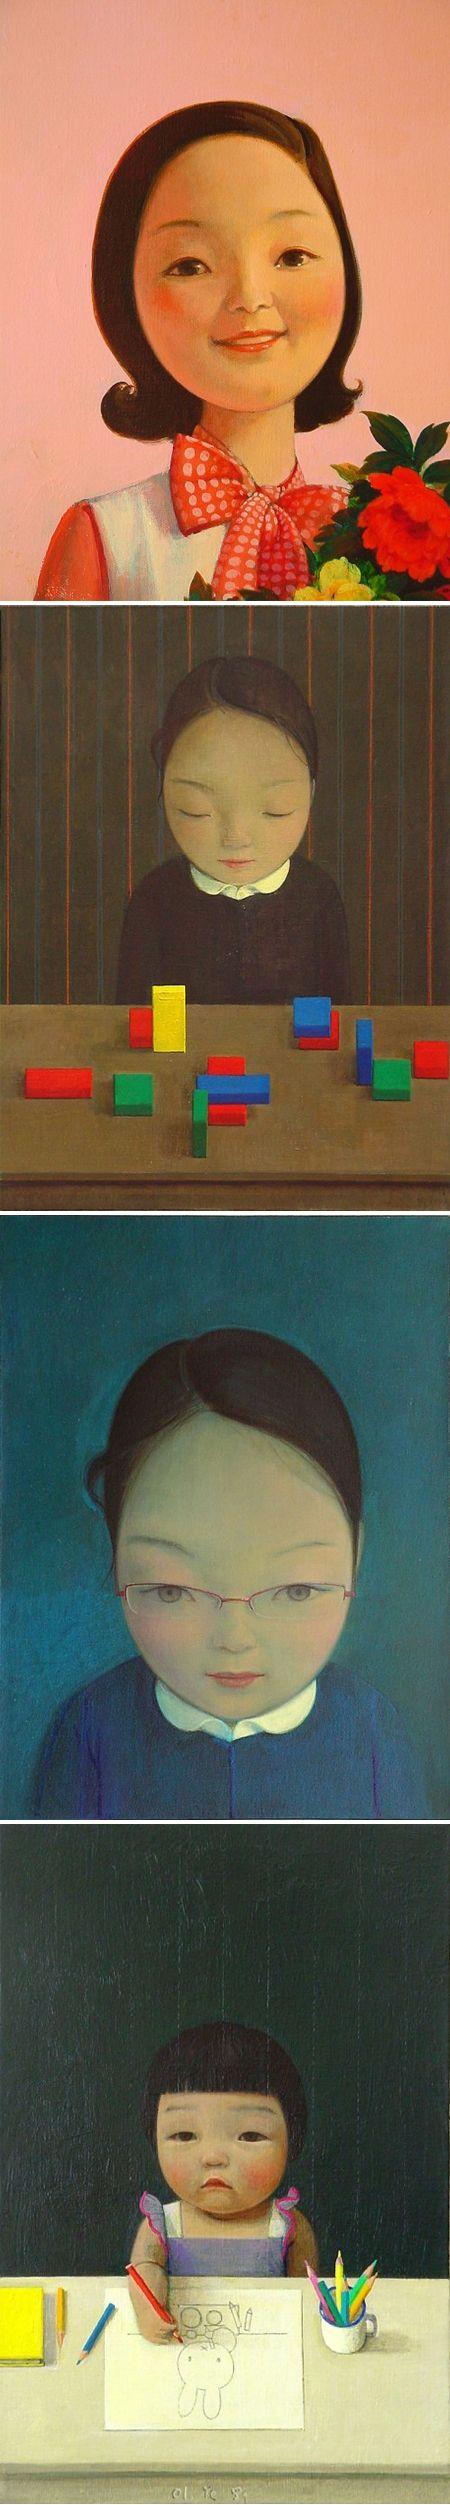 Liu Ye ~ via The Jealous Curator